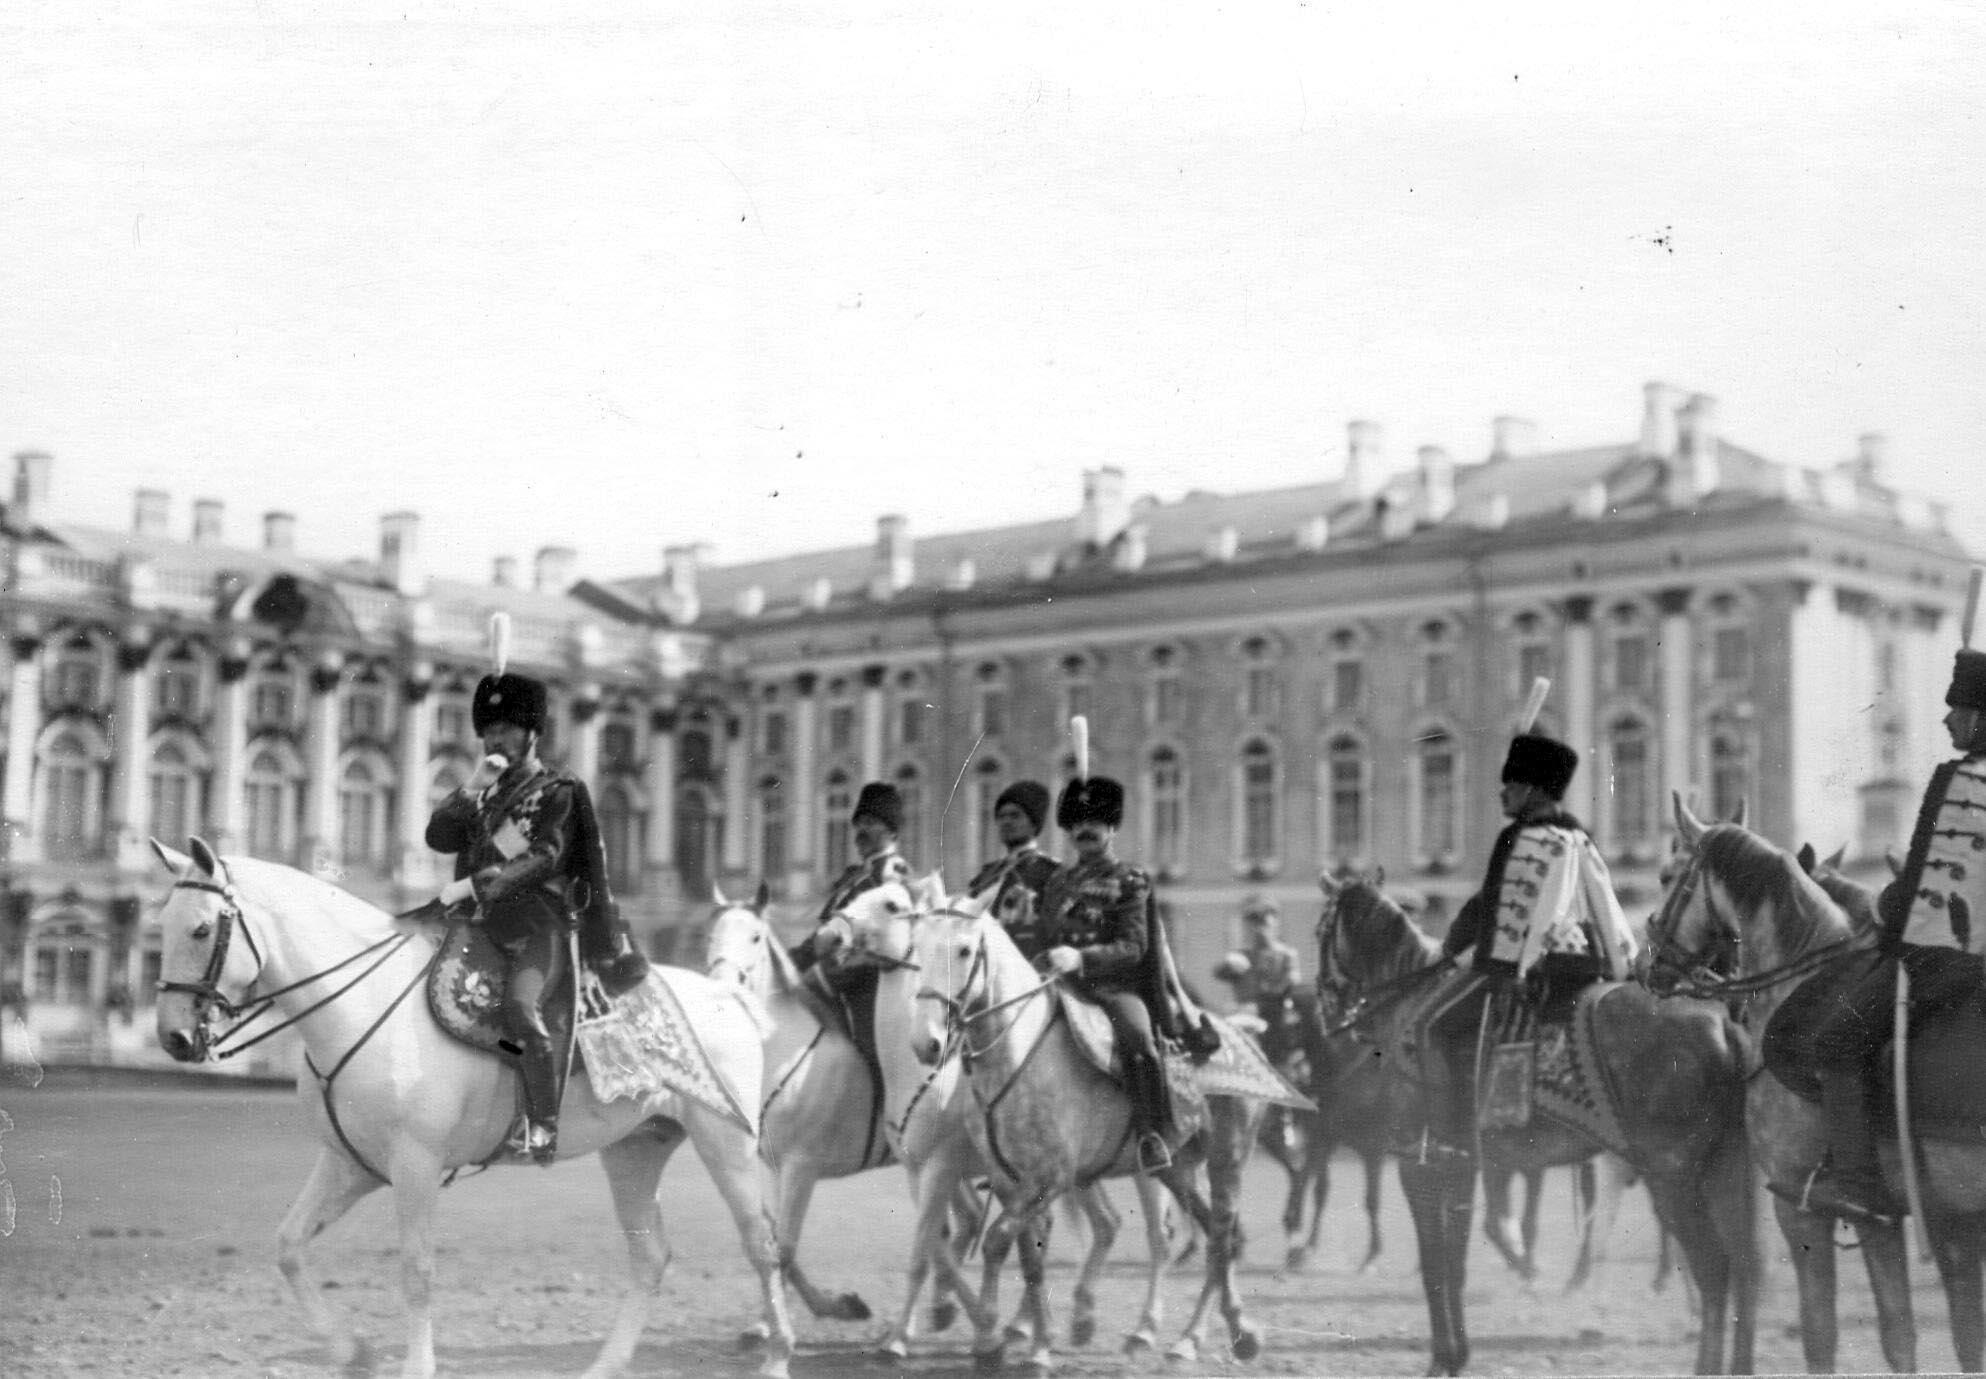 1910. Император Николай II  и командир полка флигель-адъютант, полковник В.Н.Воейков с сопровождающими их лицами у Екатерининского дворца на параде полка. 15 мая